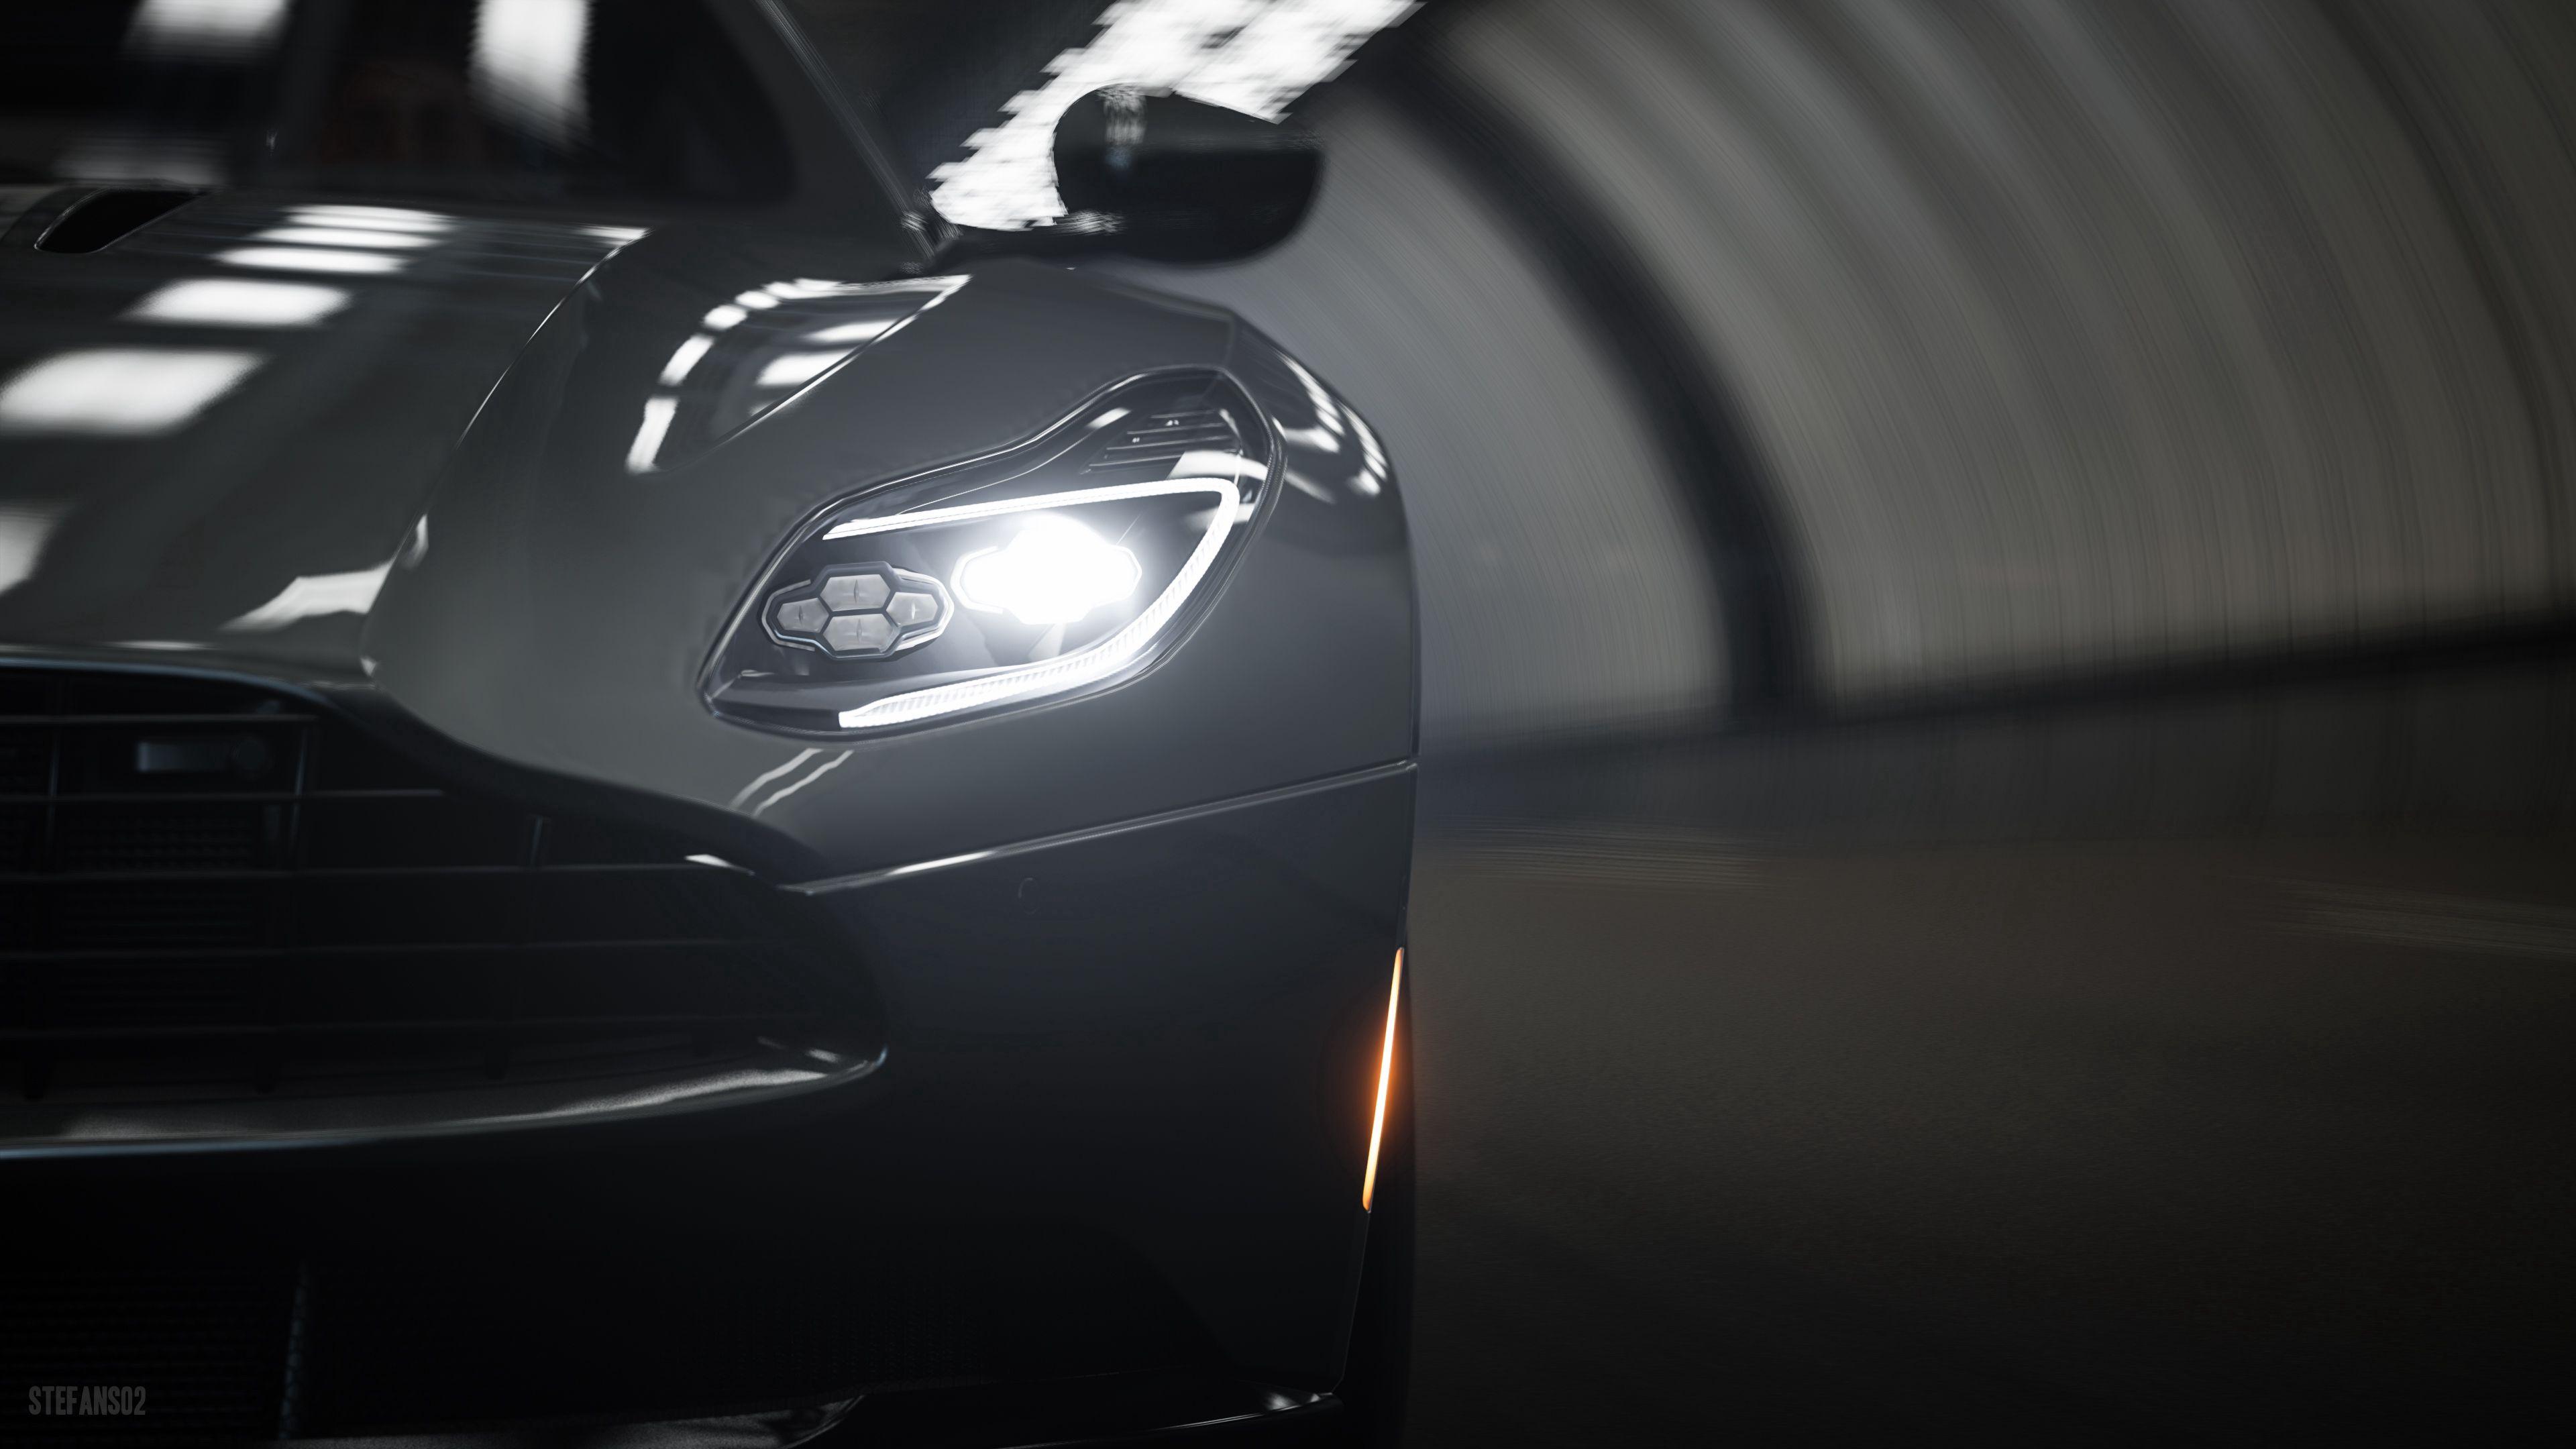 70124 Заставки и Обои Астон Мартин (Aston Martin) на телефон. Скачать Астон Мартин (Aston Martin), Тачки (Cars), Свет, Машина, Серый, Фара, Aston Martin Db11 картинки бесплатно